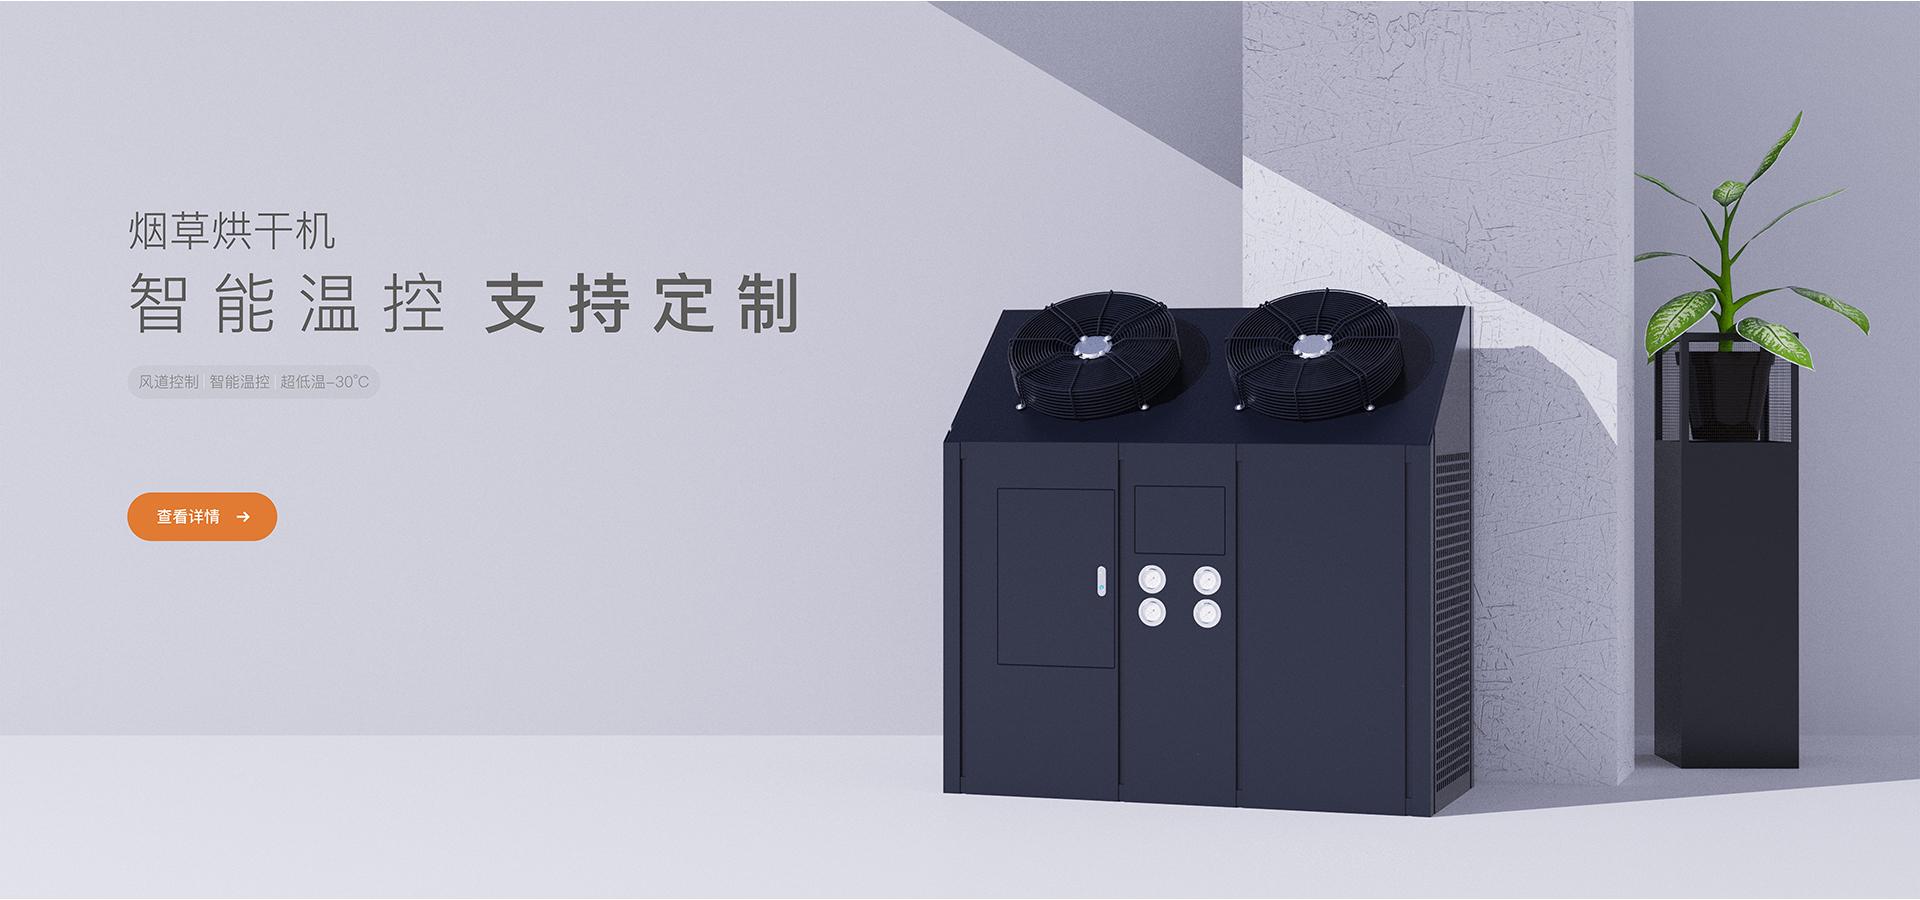 江苏奥斯康新能源有限公司